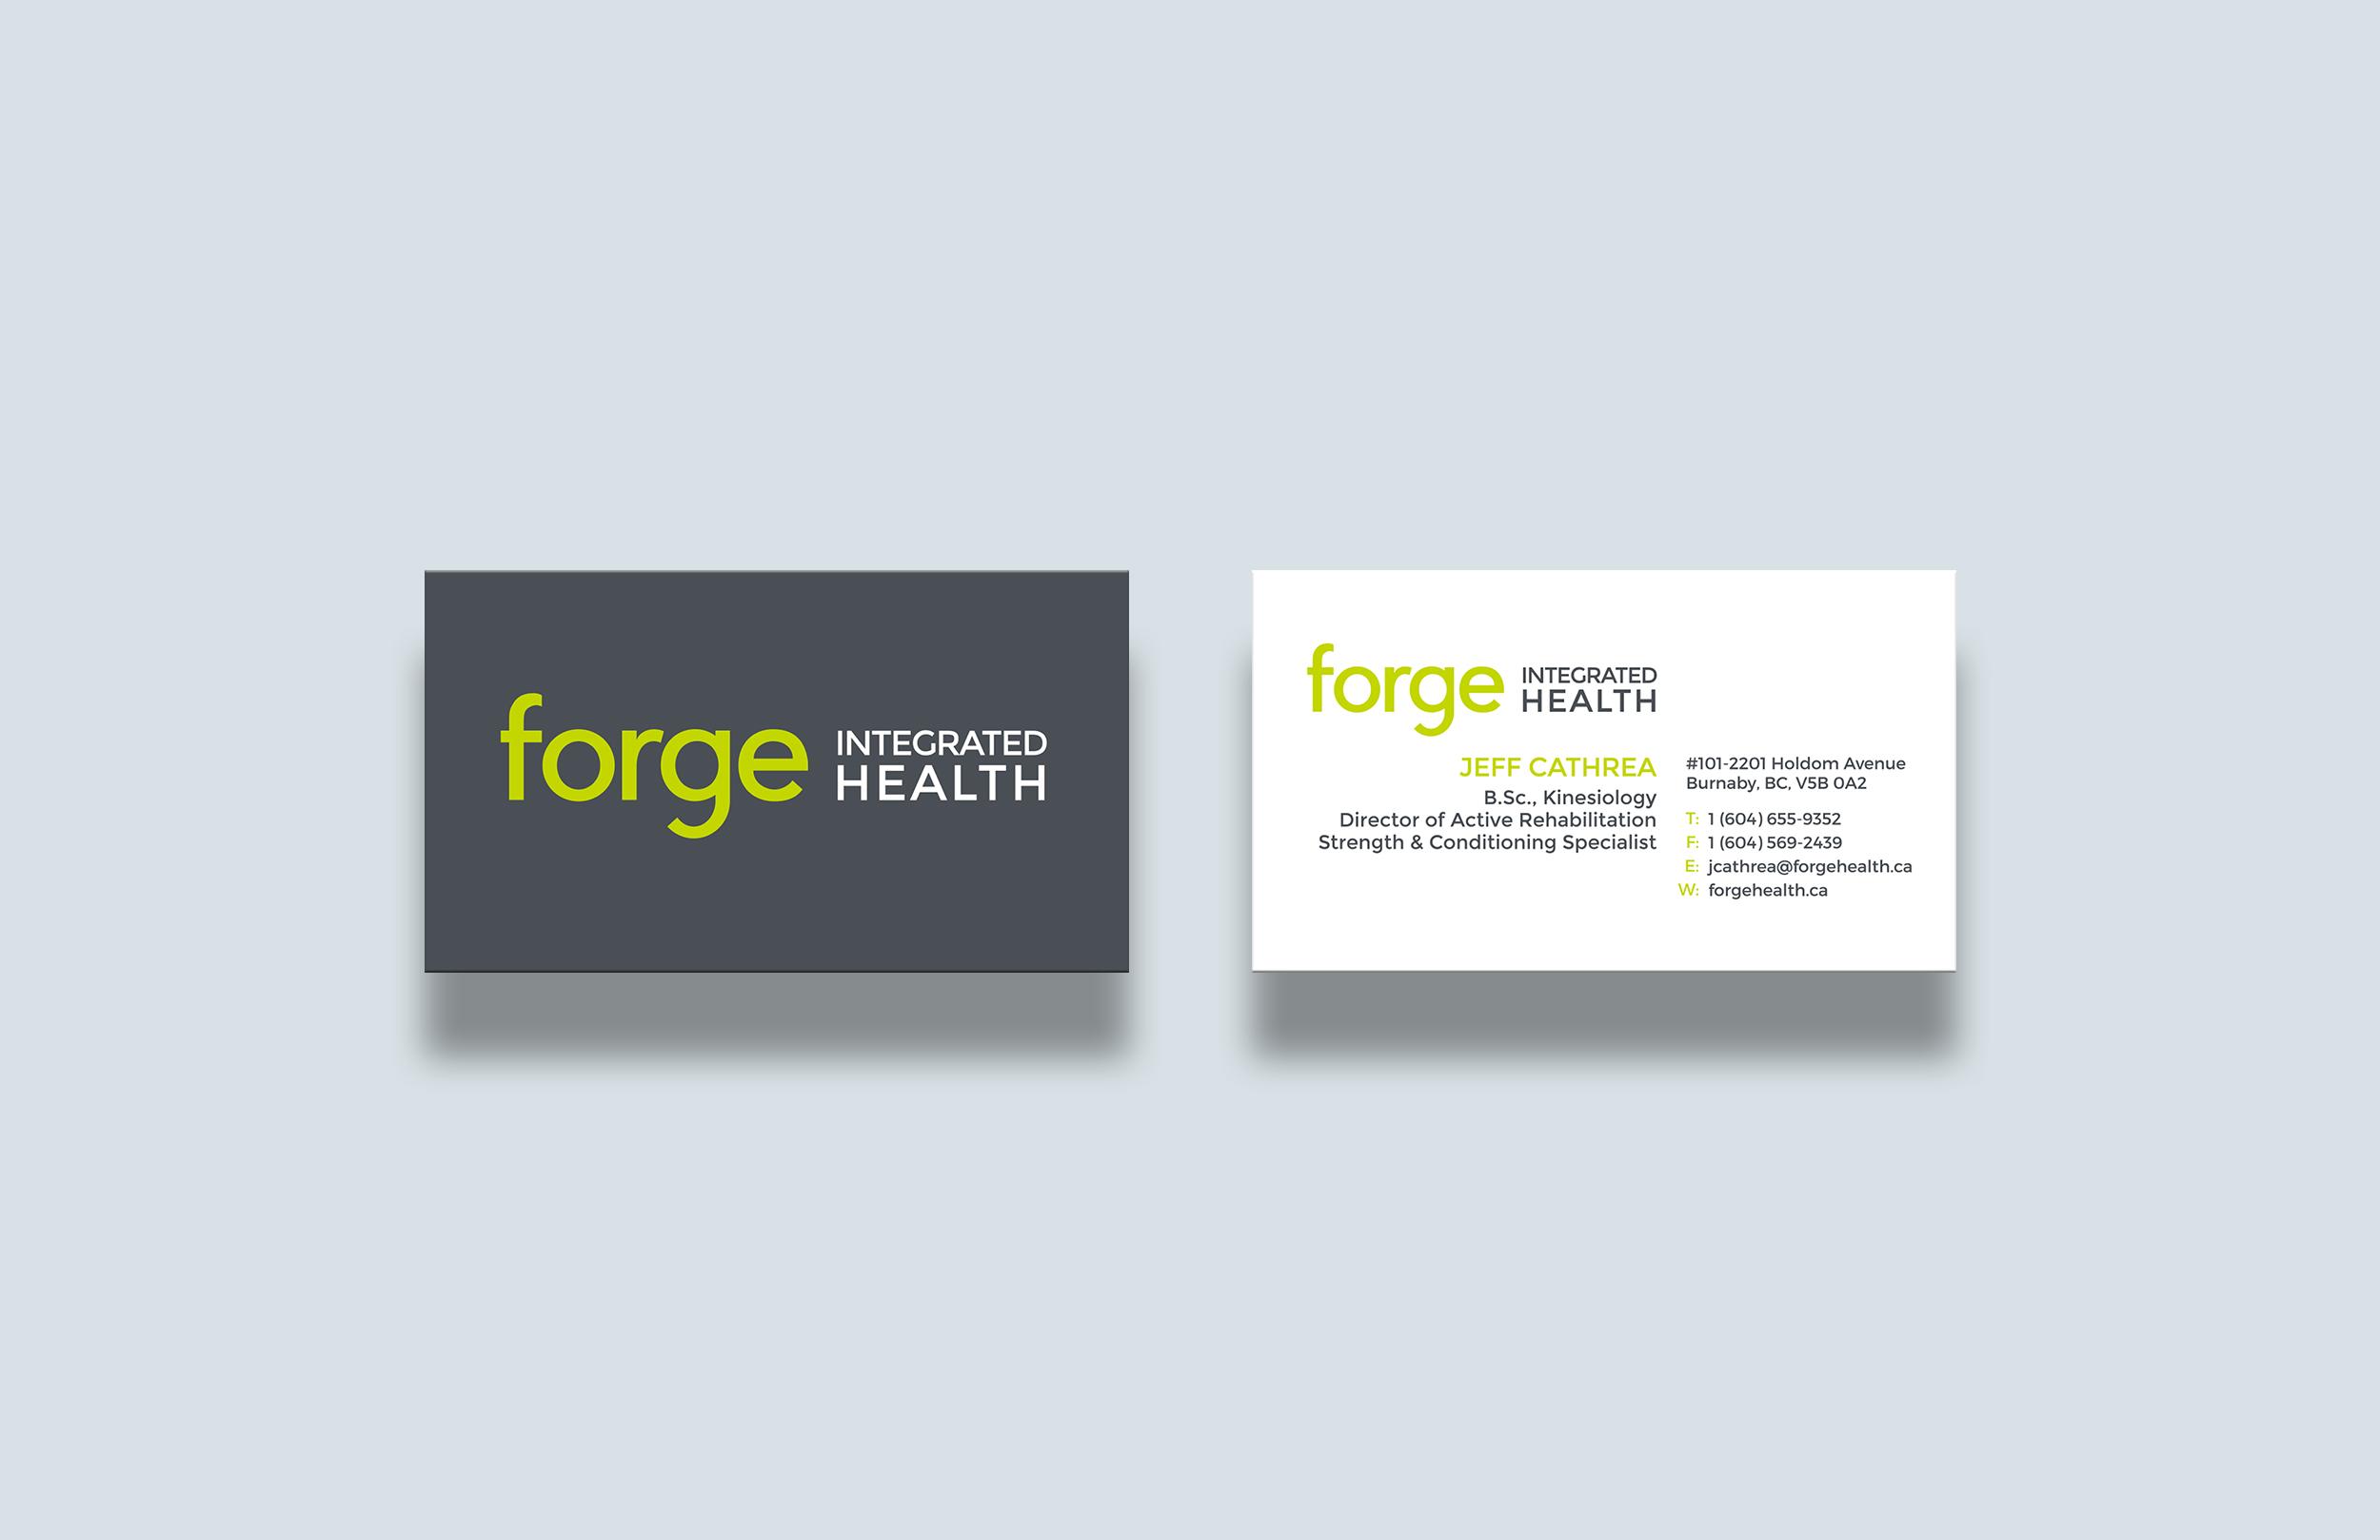 katelynbishop_design_forge_businesscard1